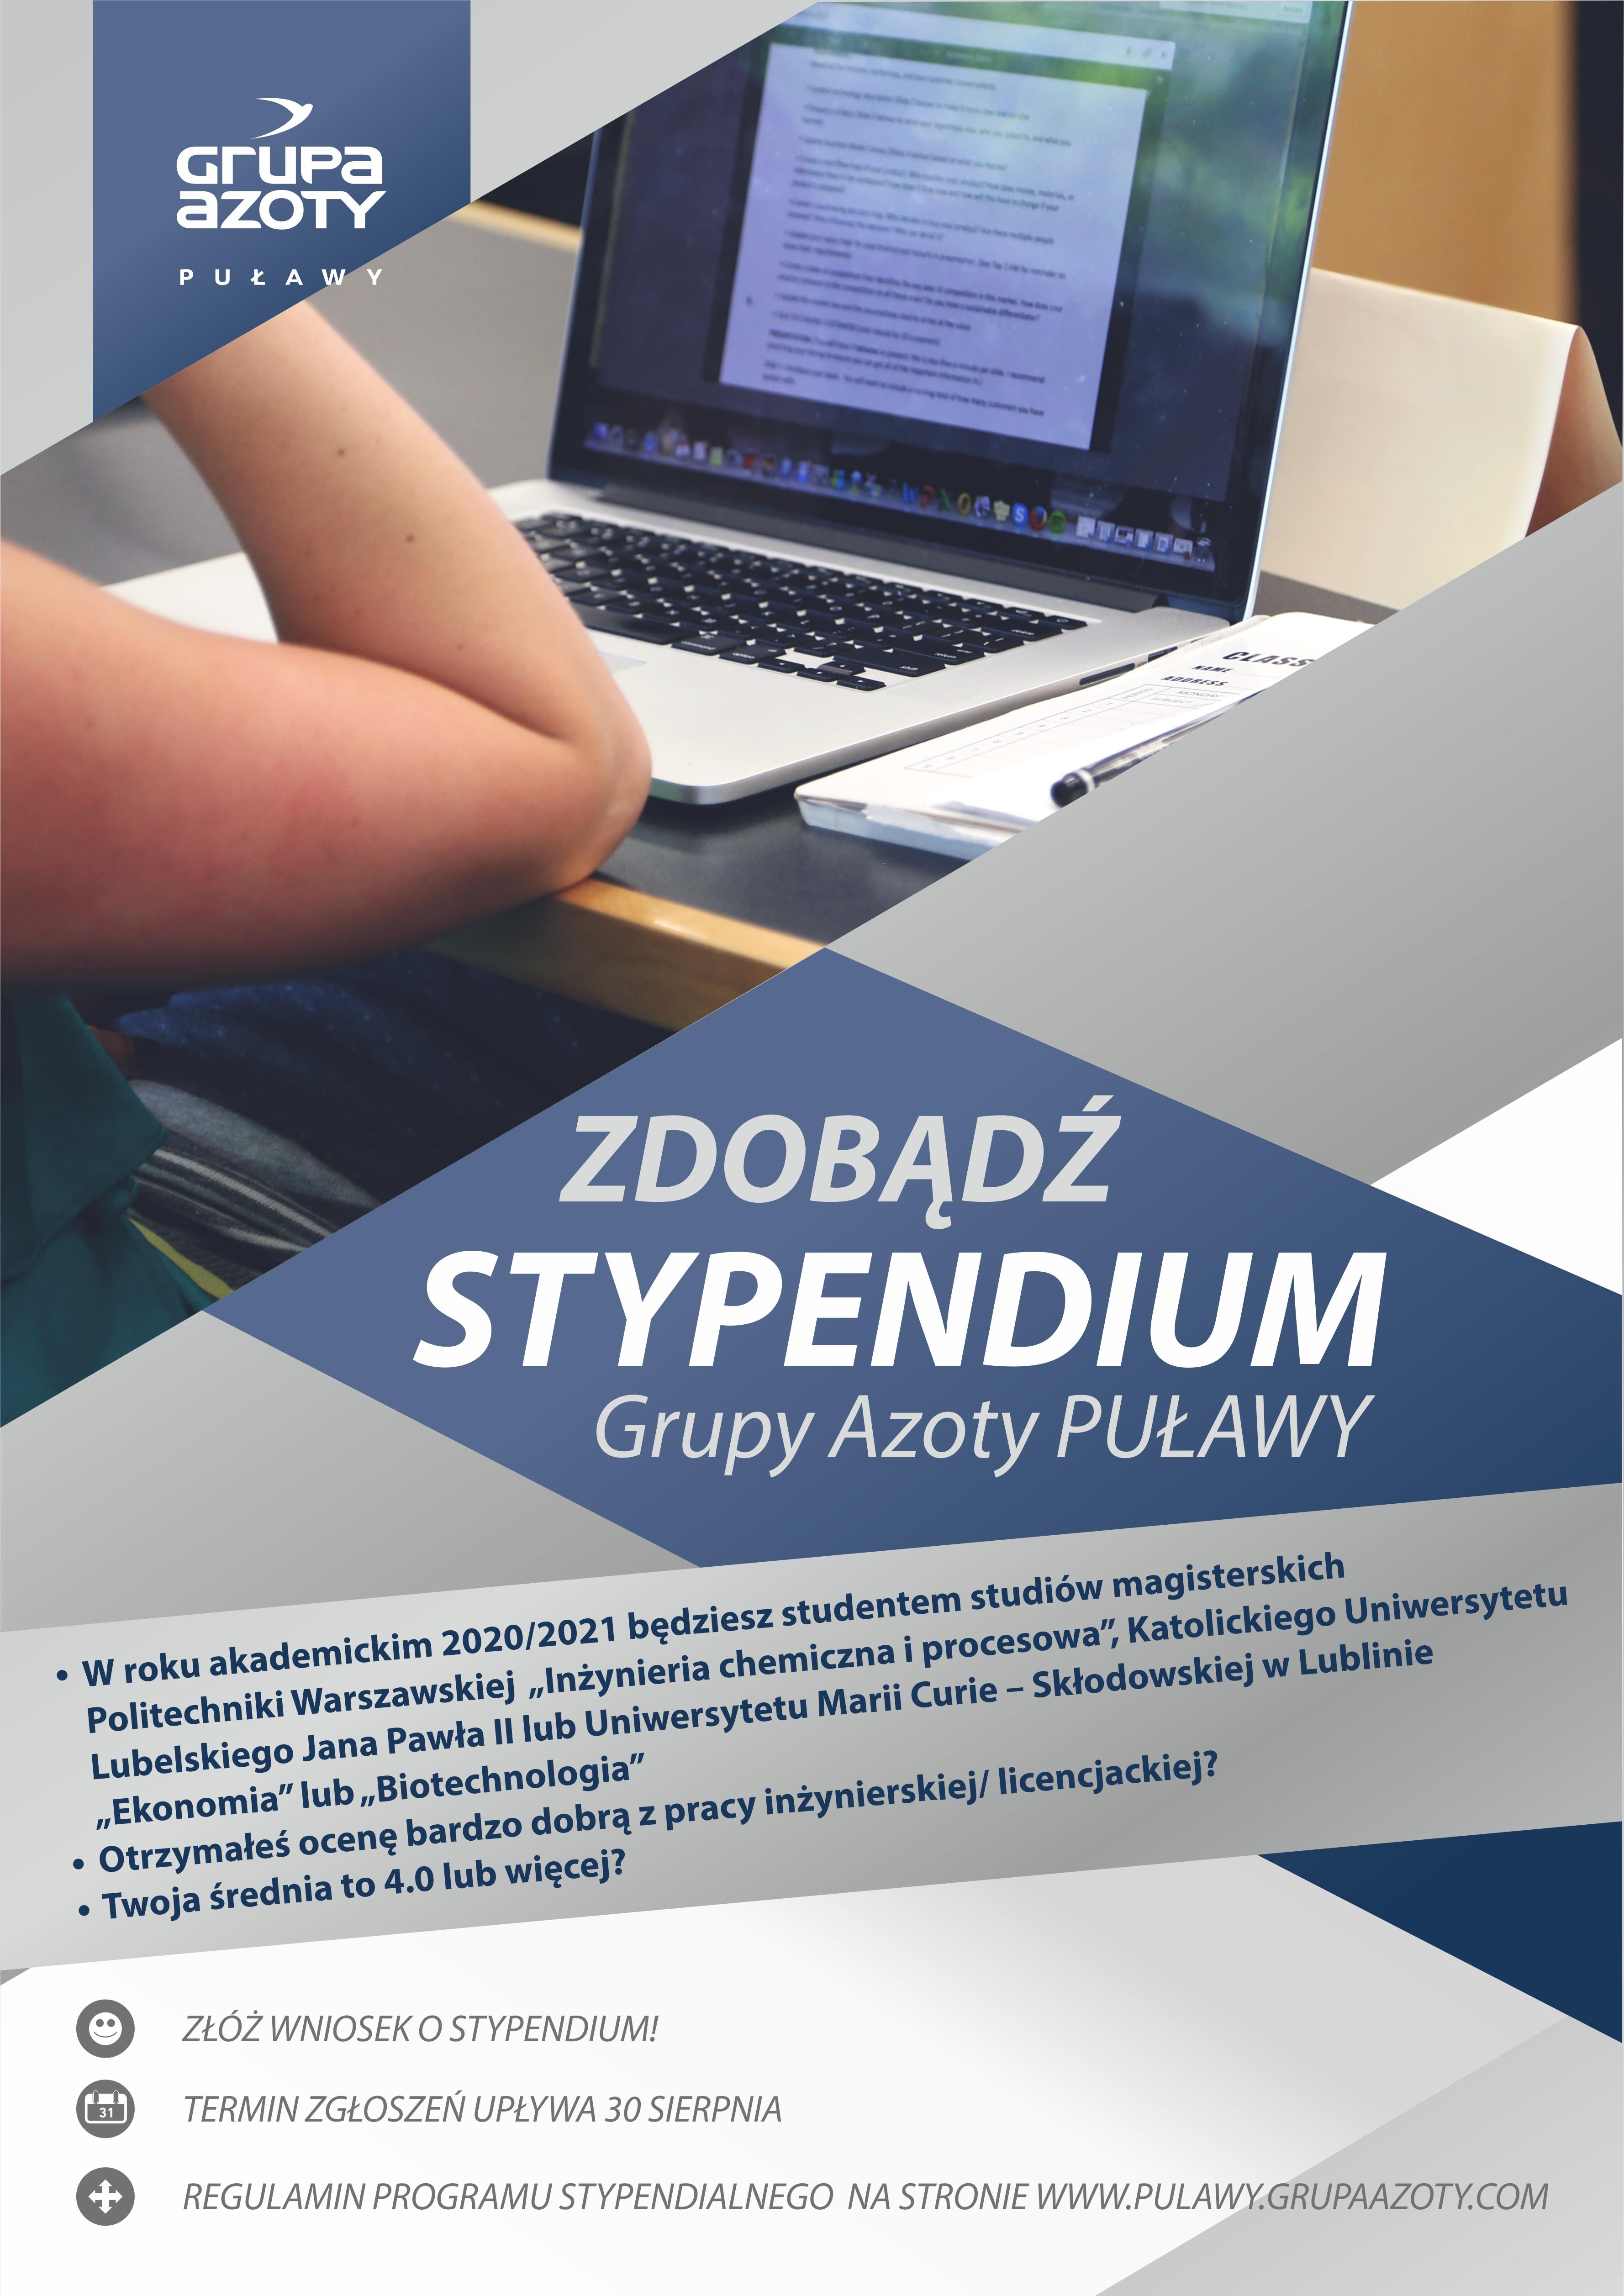 Grupa Azoty Puławy przyznaje stypendia